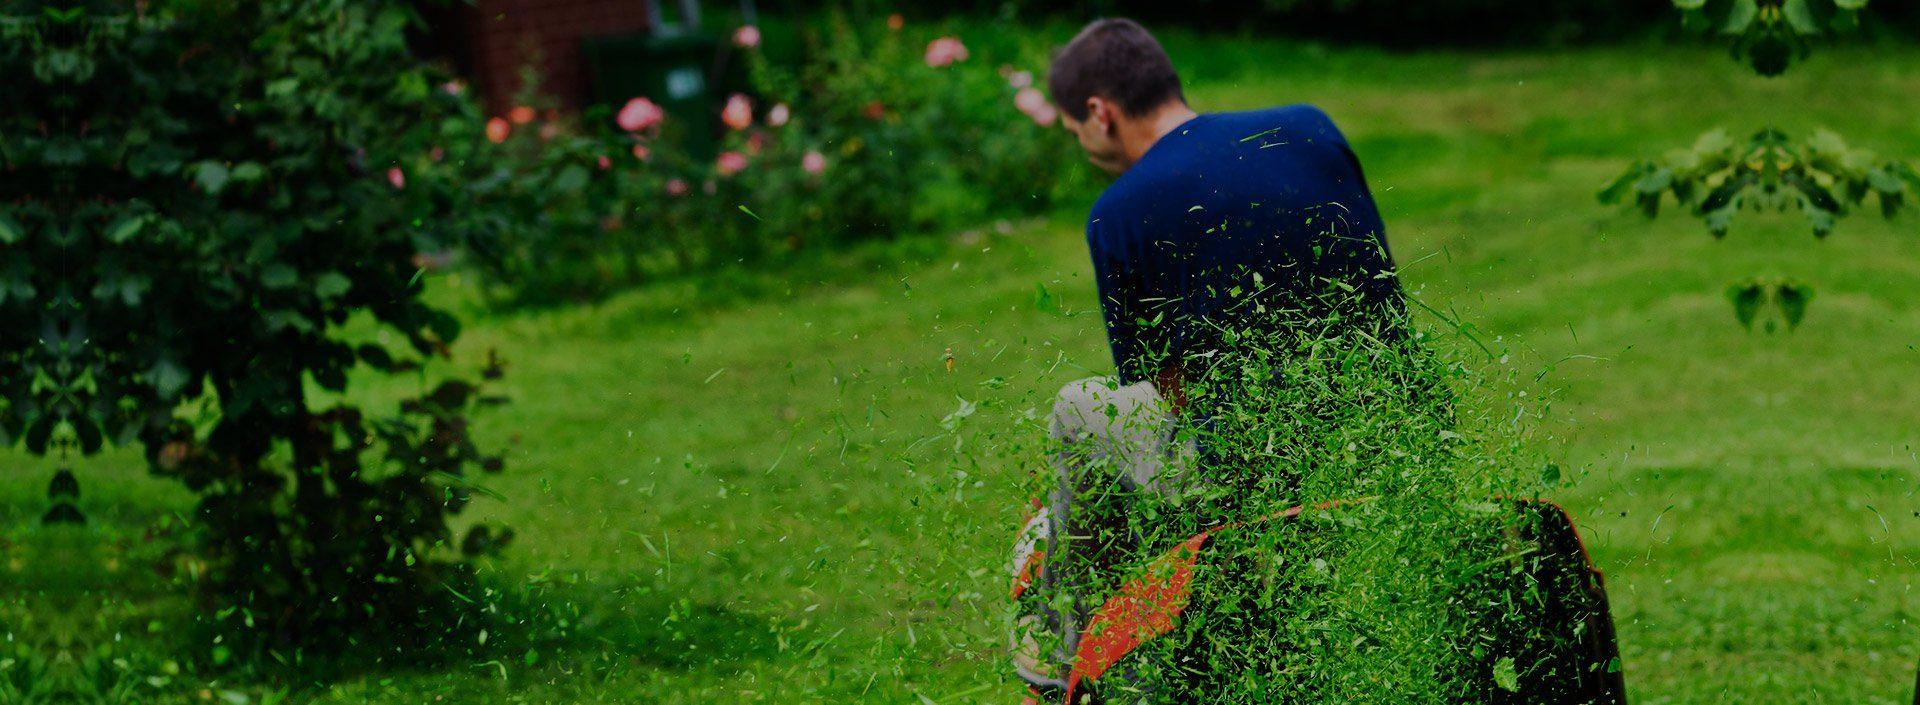 Професионална поддръжка на тревни площи